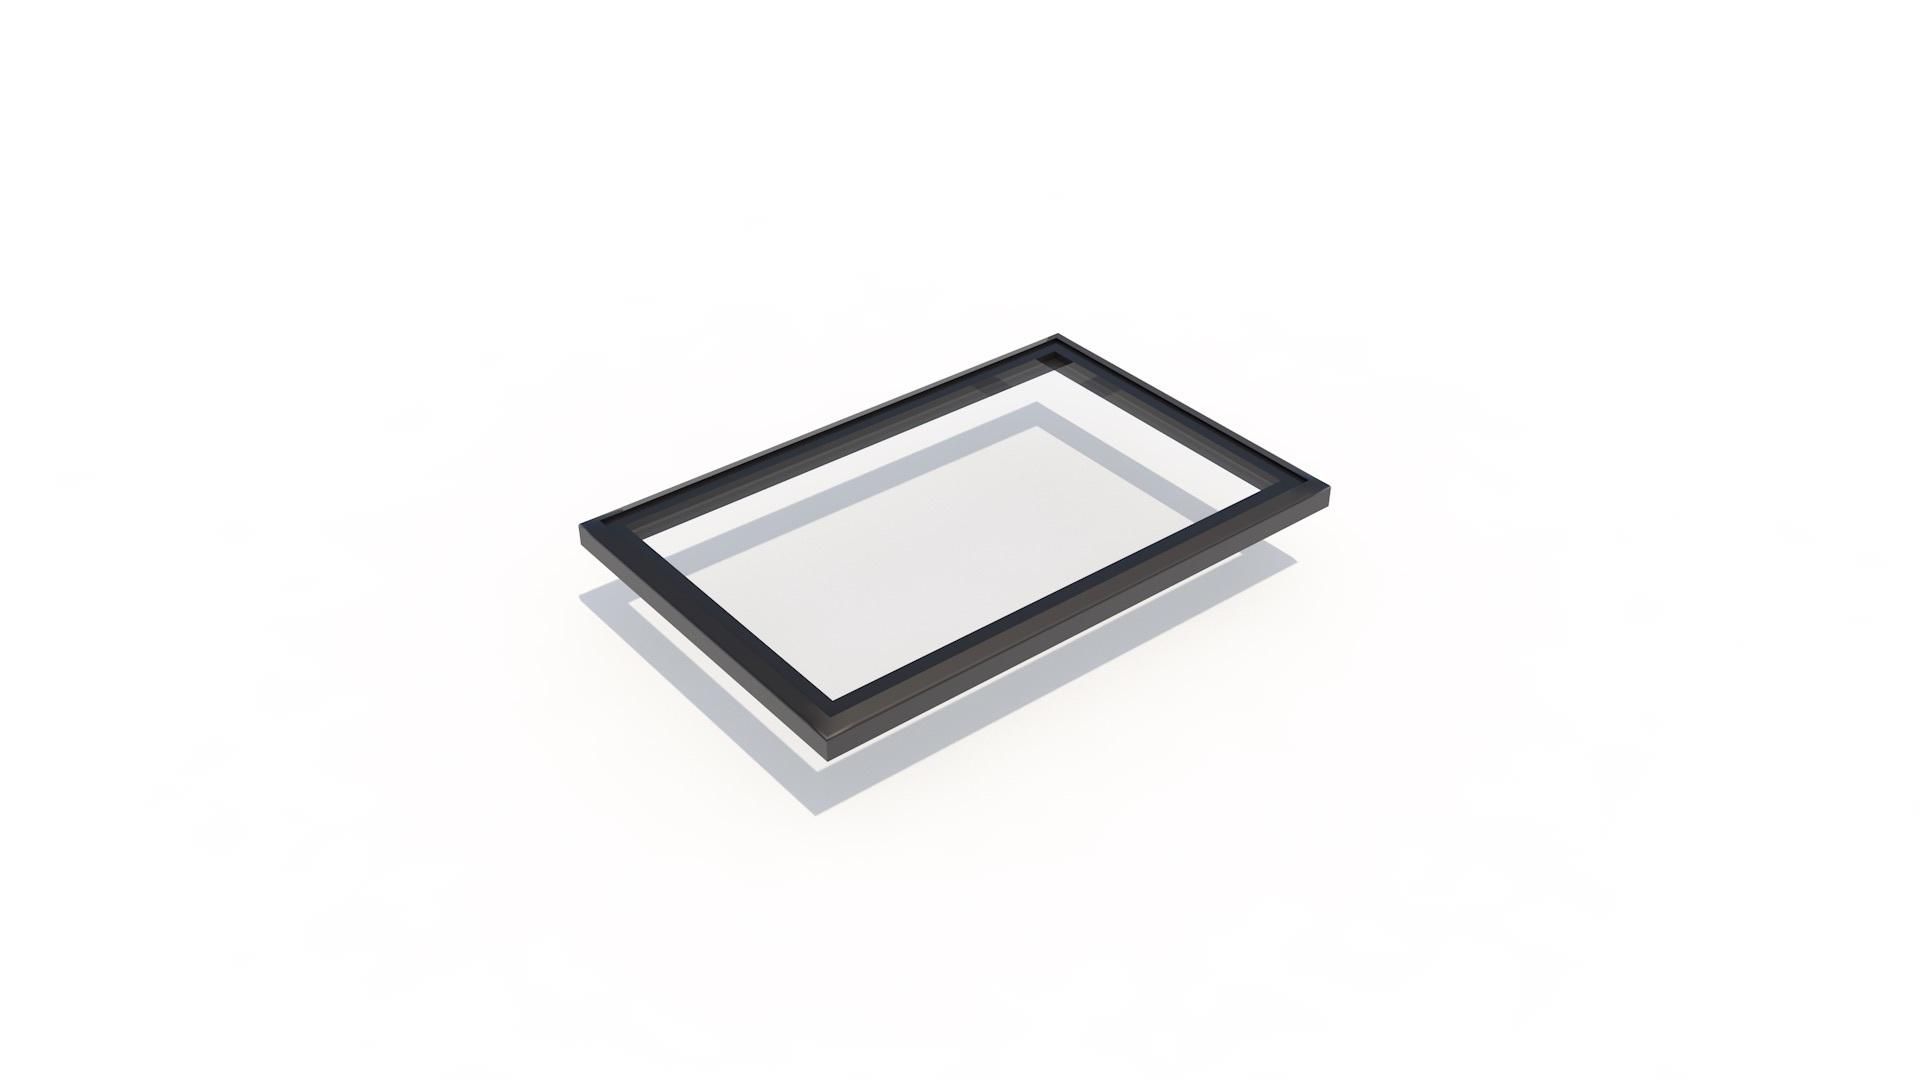 Frameless flat 1000 x 2500 - Frameless flat Skylight